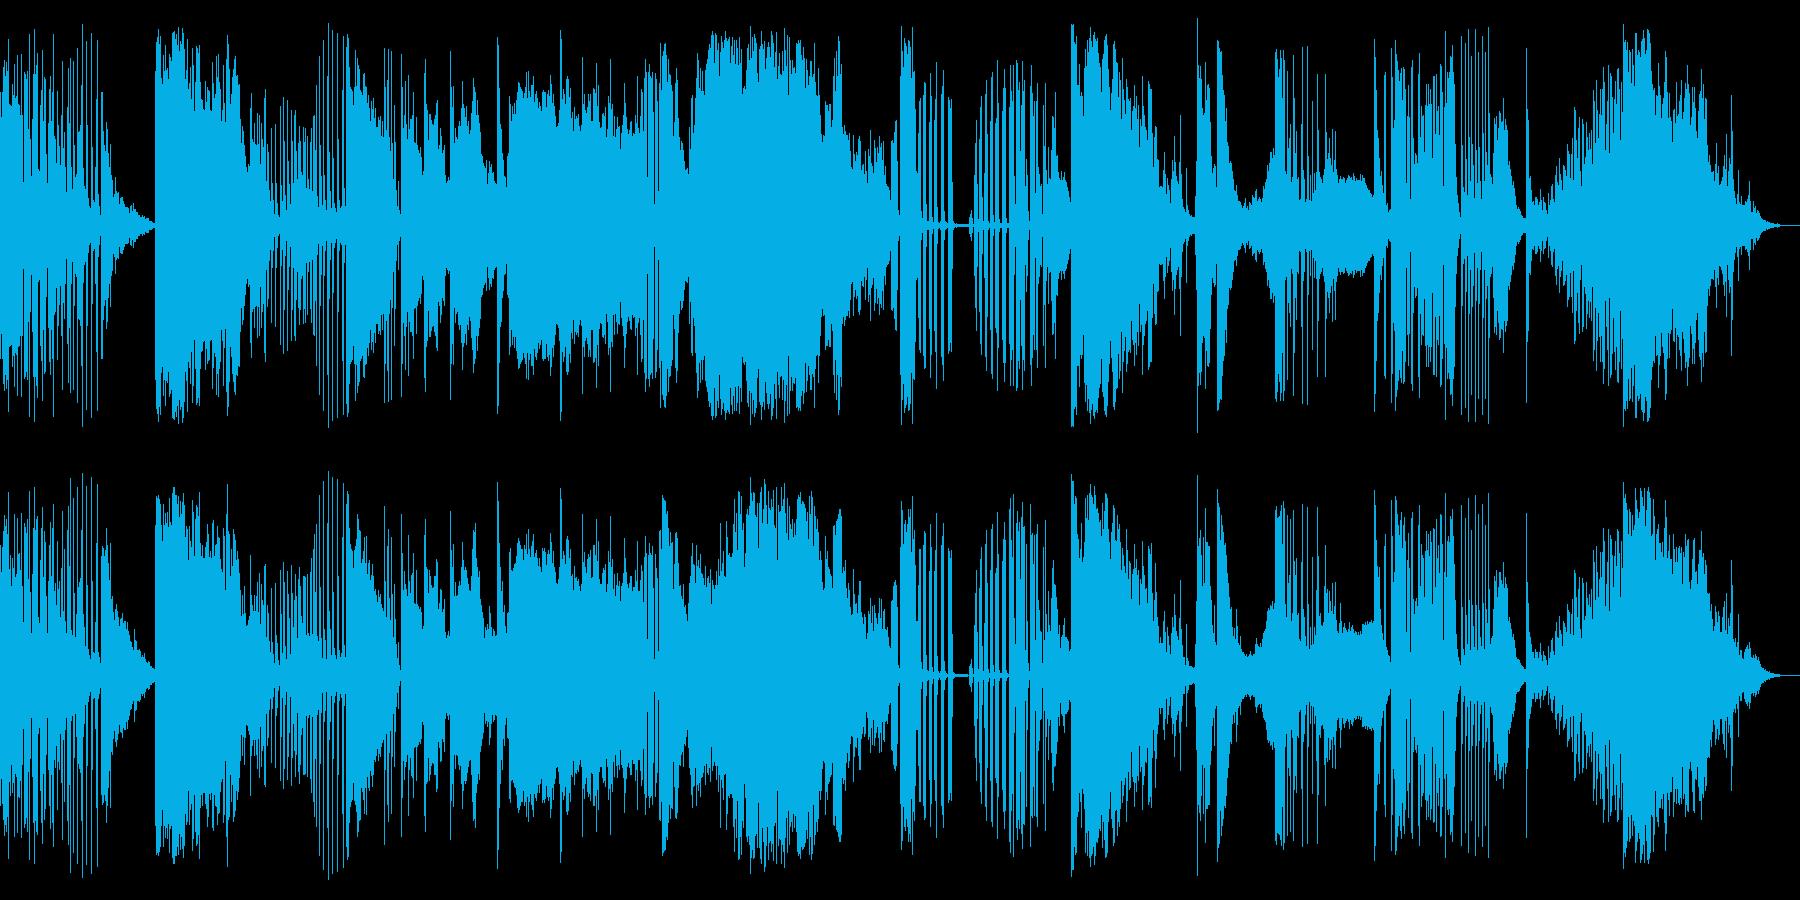 ZANY CARTOON JUMB...の再生済みの波形